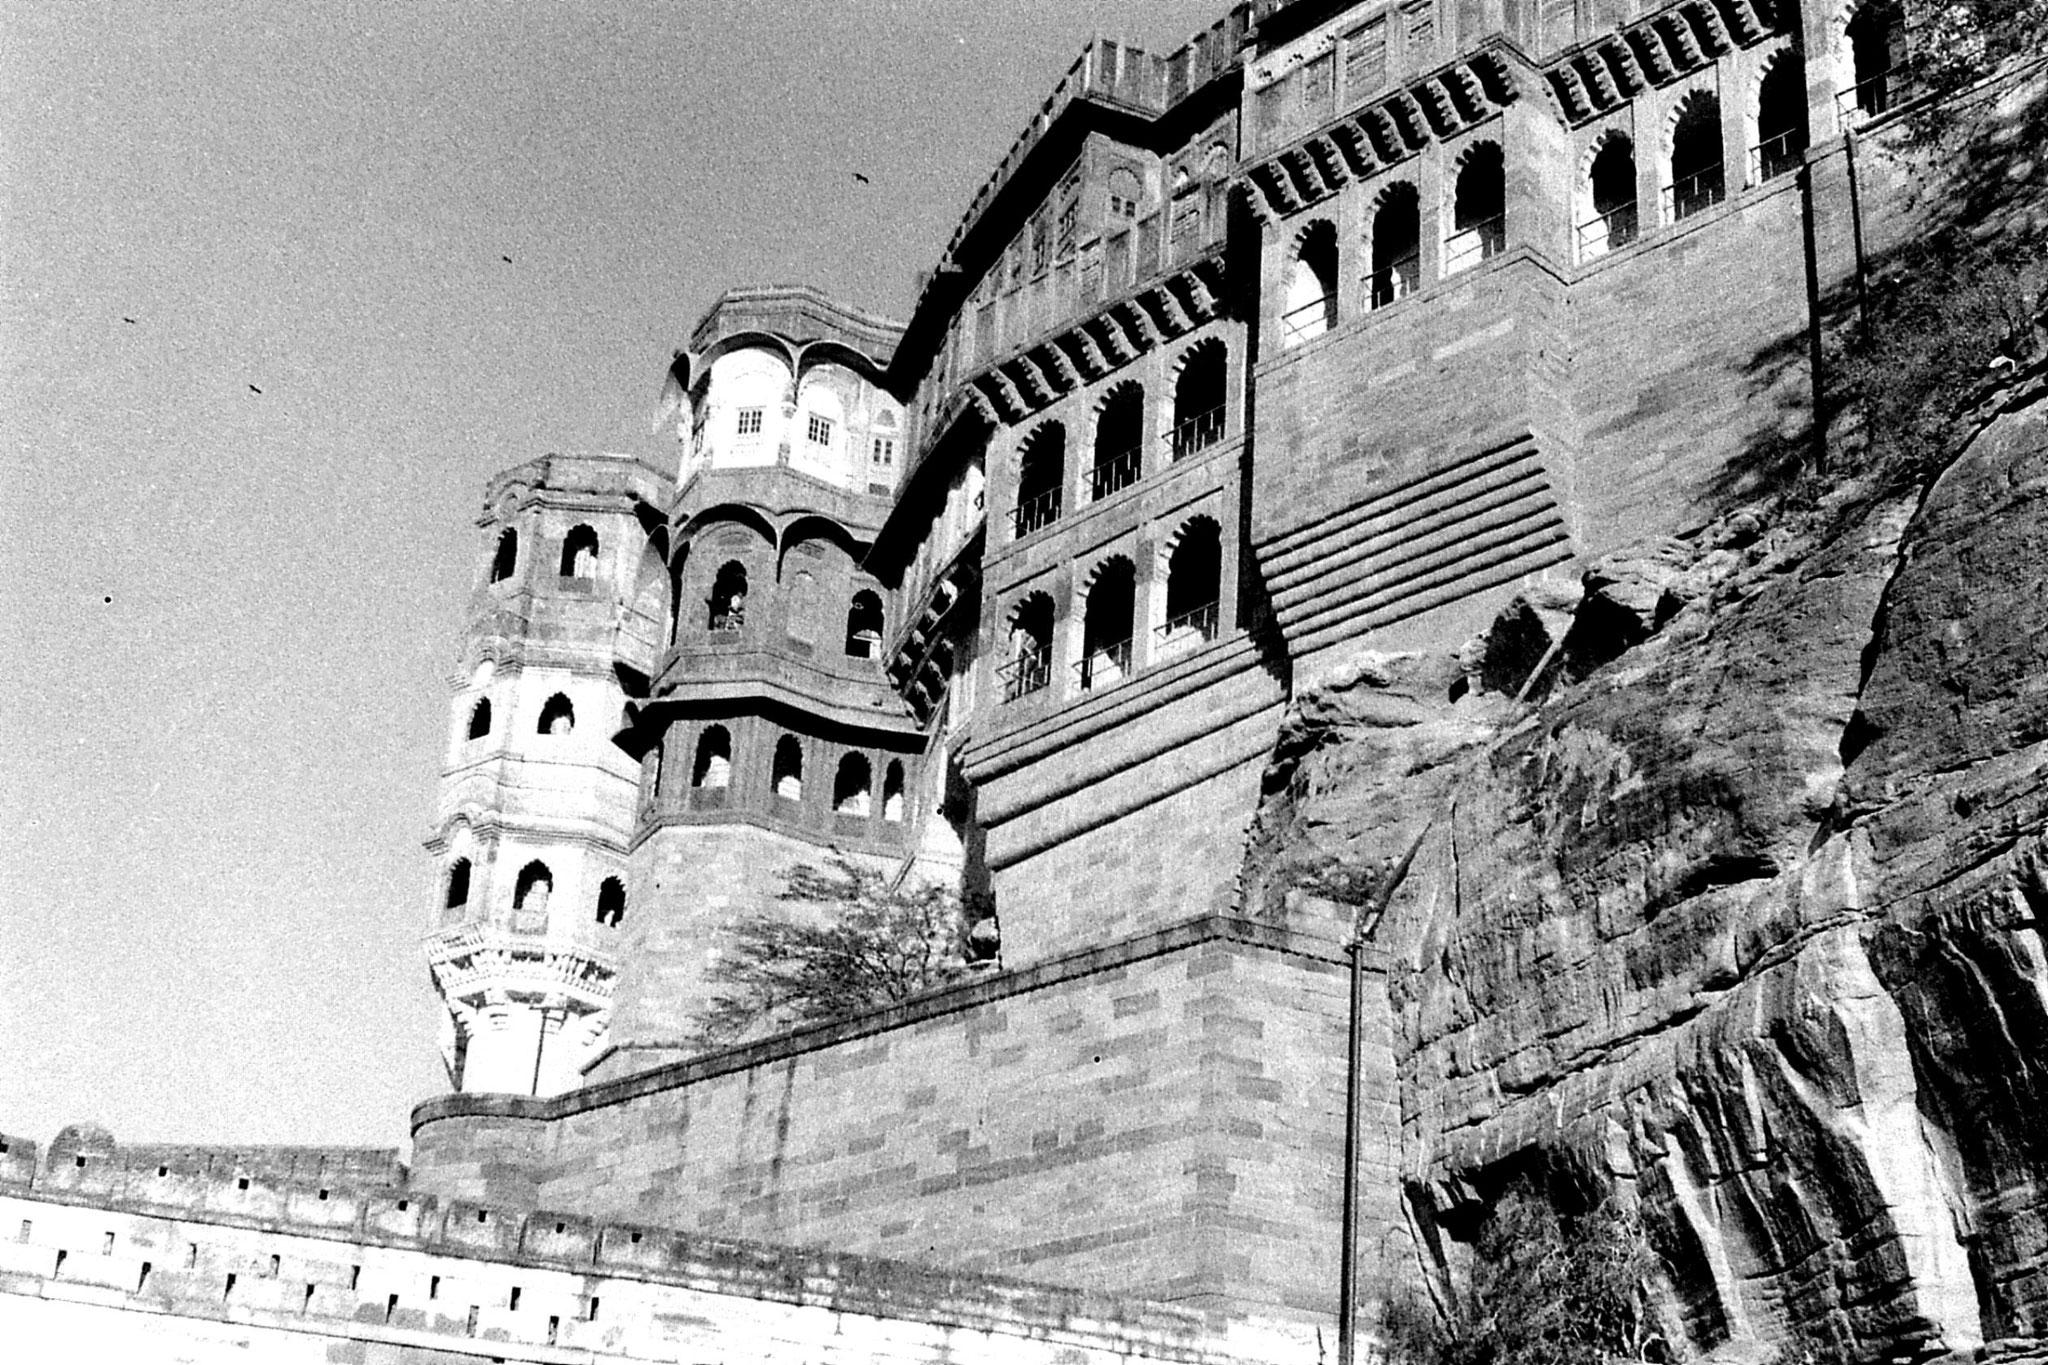 28/11/1989: 35: Jodhpur fort